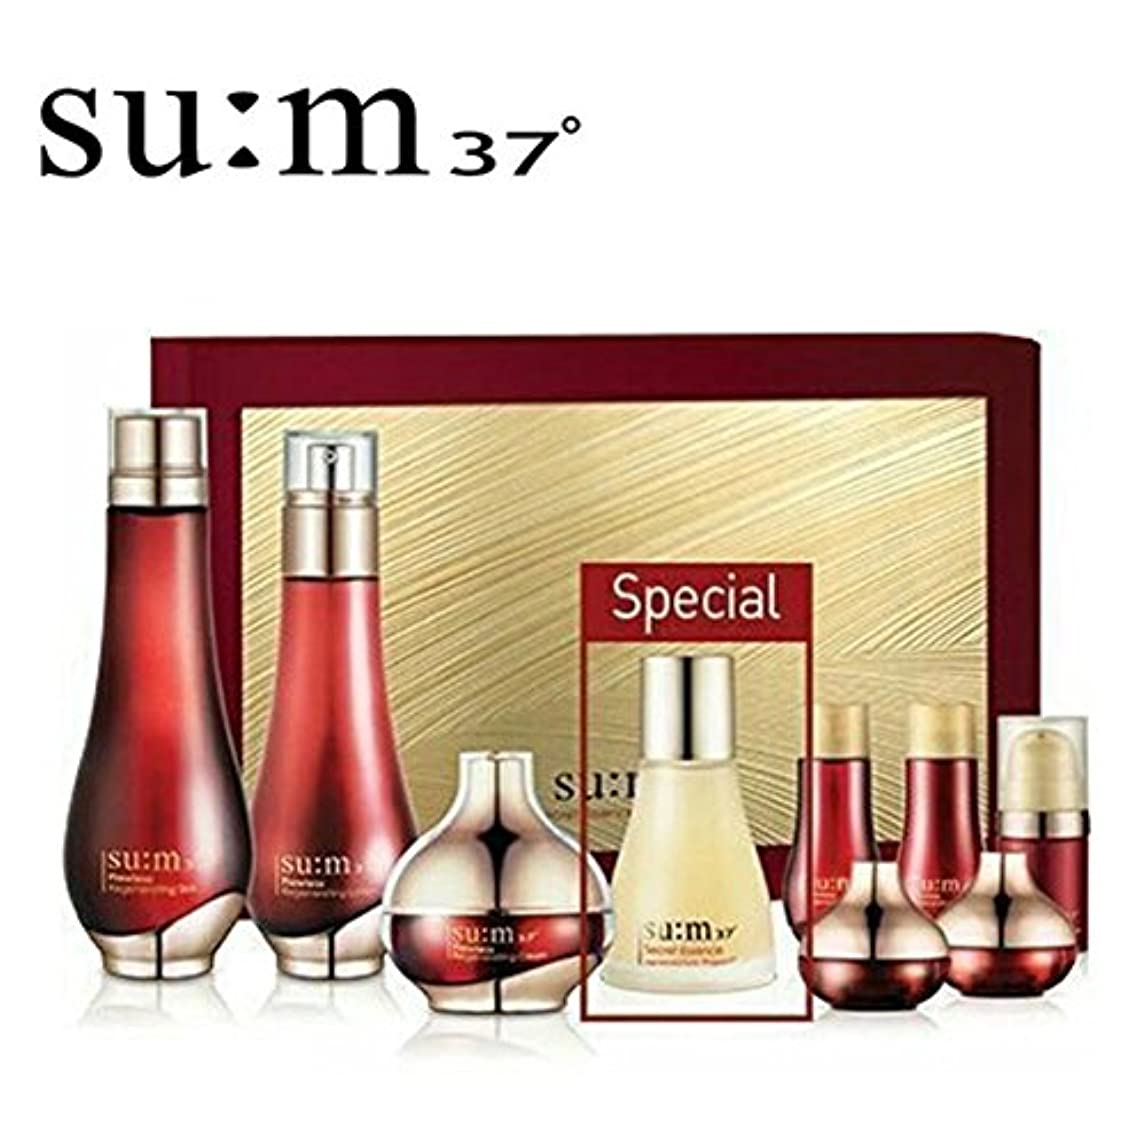 コンパイルジェットフルーティー[su:m37/スム37°] SUM37 Flowless Special Set/ sum37 スム37? フローレス 3種 企画セット +[Sample Gift](海外直送品)